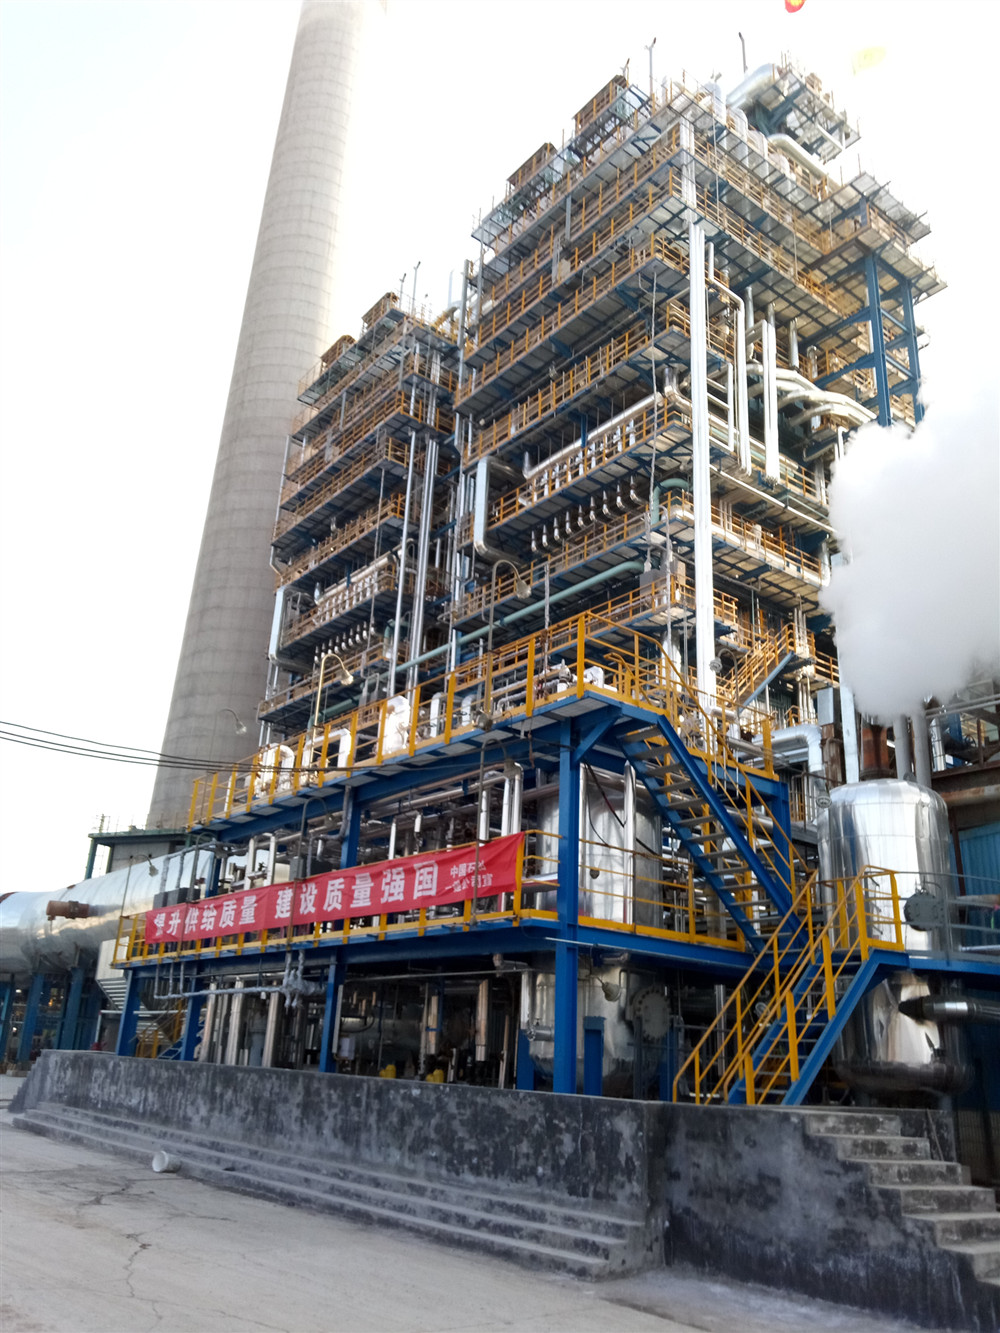 6075G中国石油兰州石化公司300万吨/年重油催化装置余热锅炉